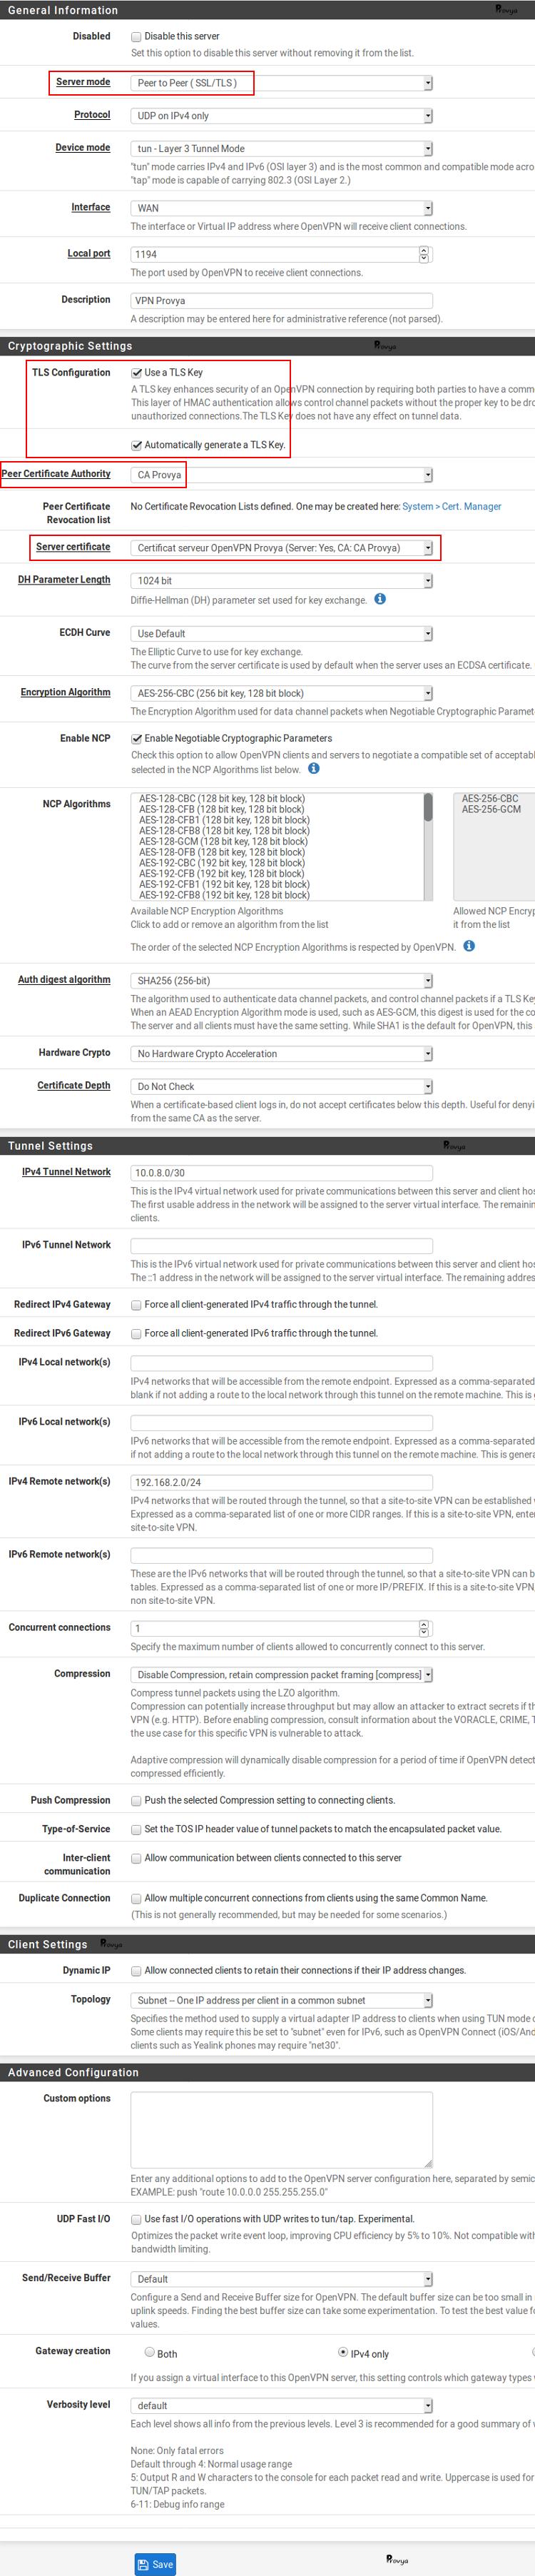 Exemple de configuration serveur OpenVPN avec certificat sur pfSense - Provya